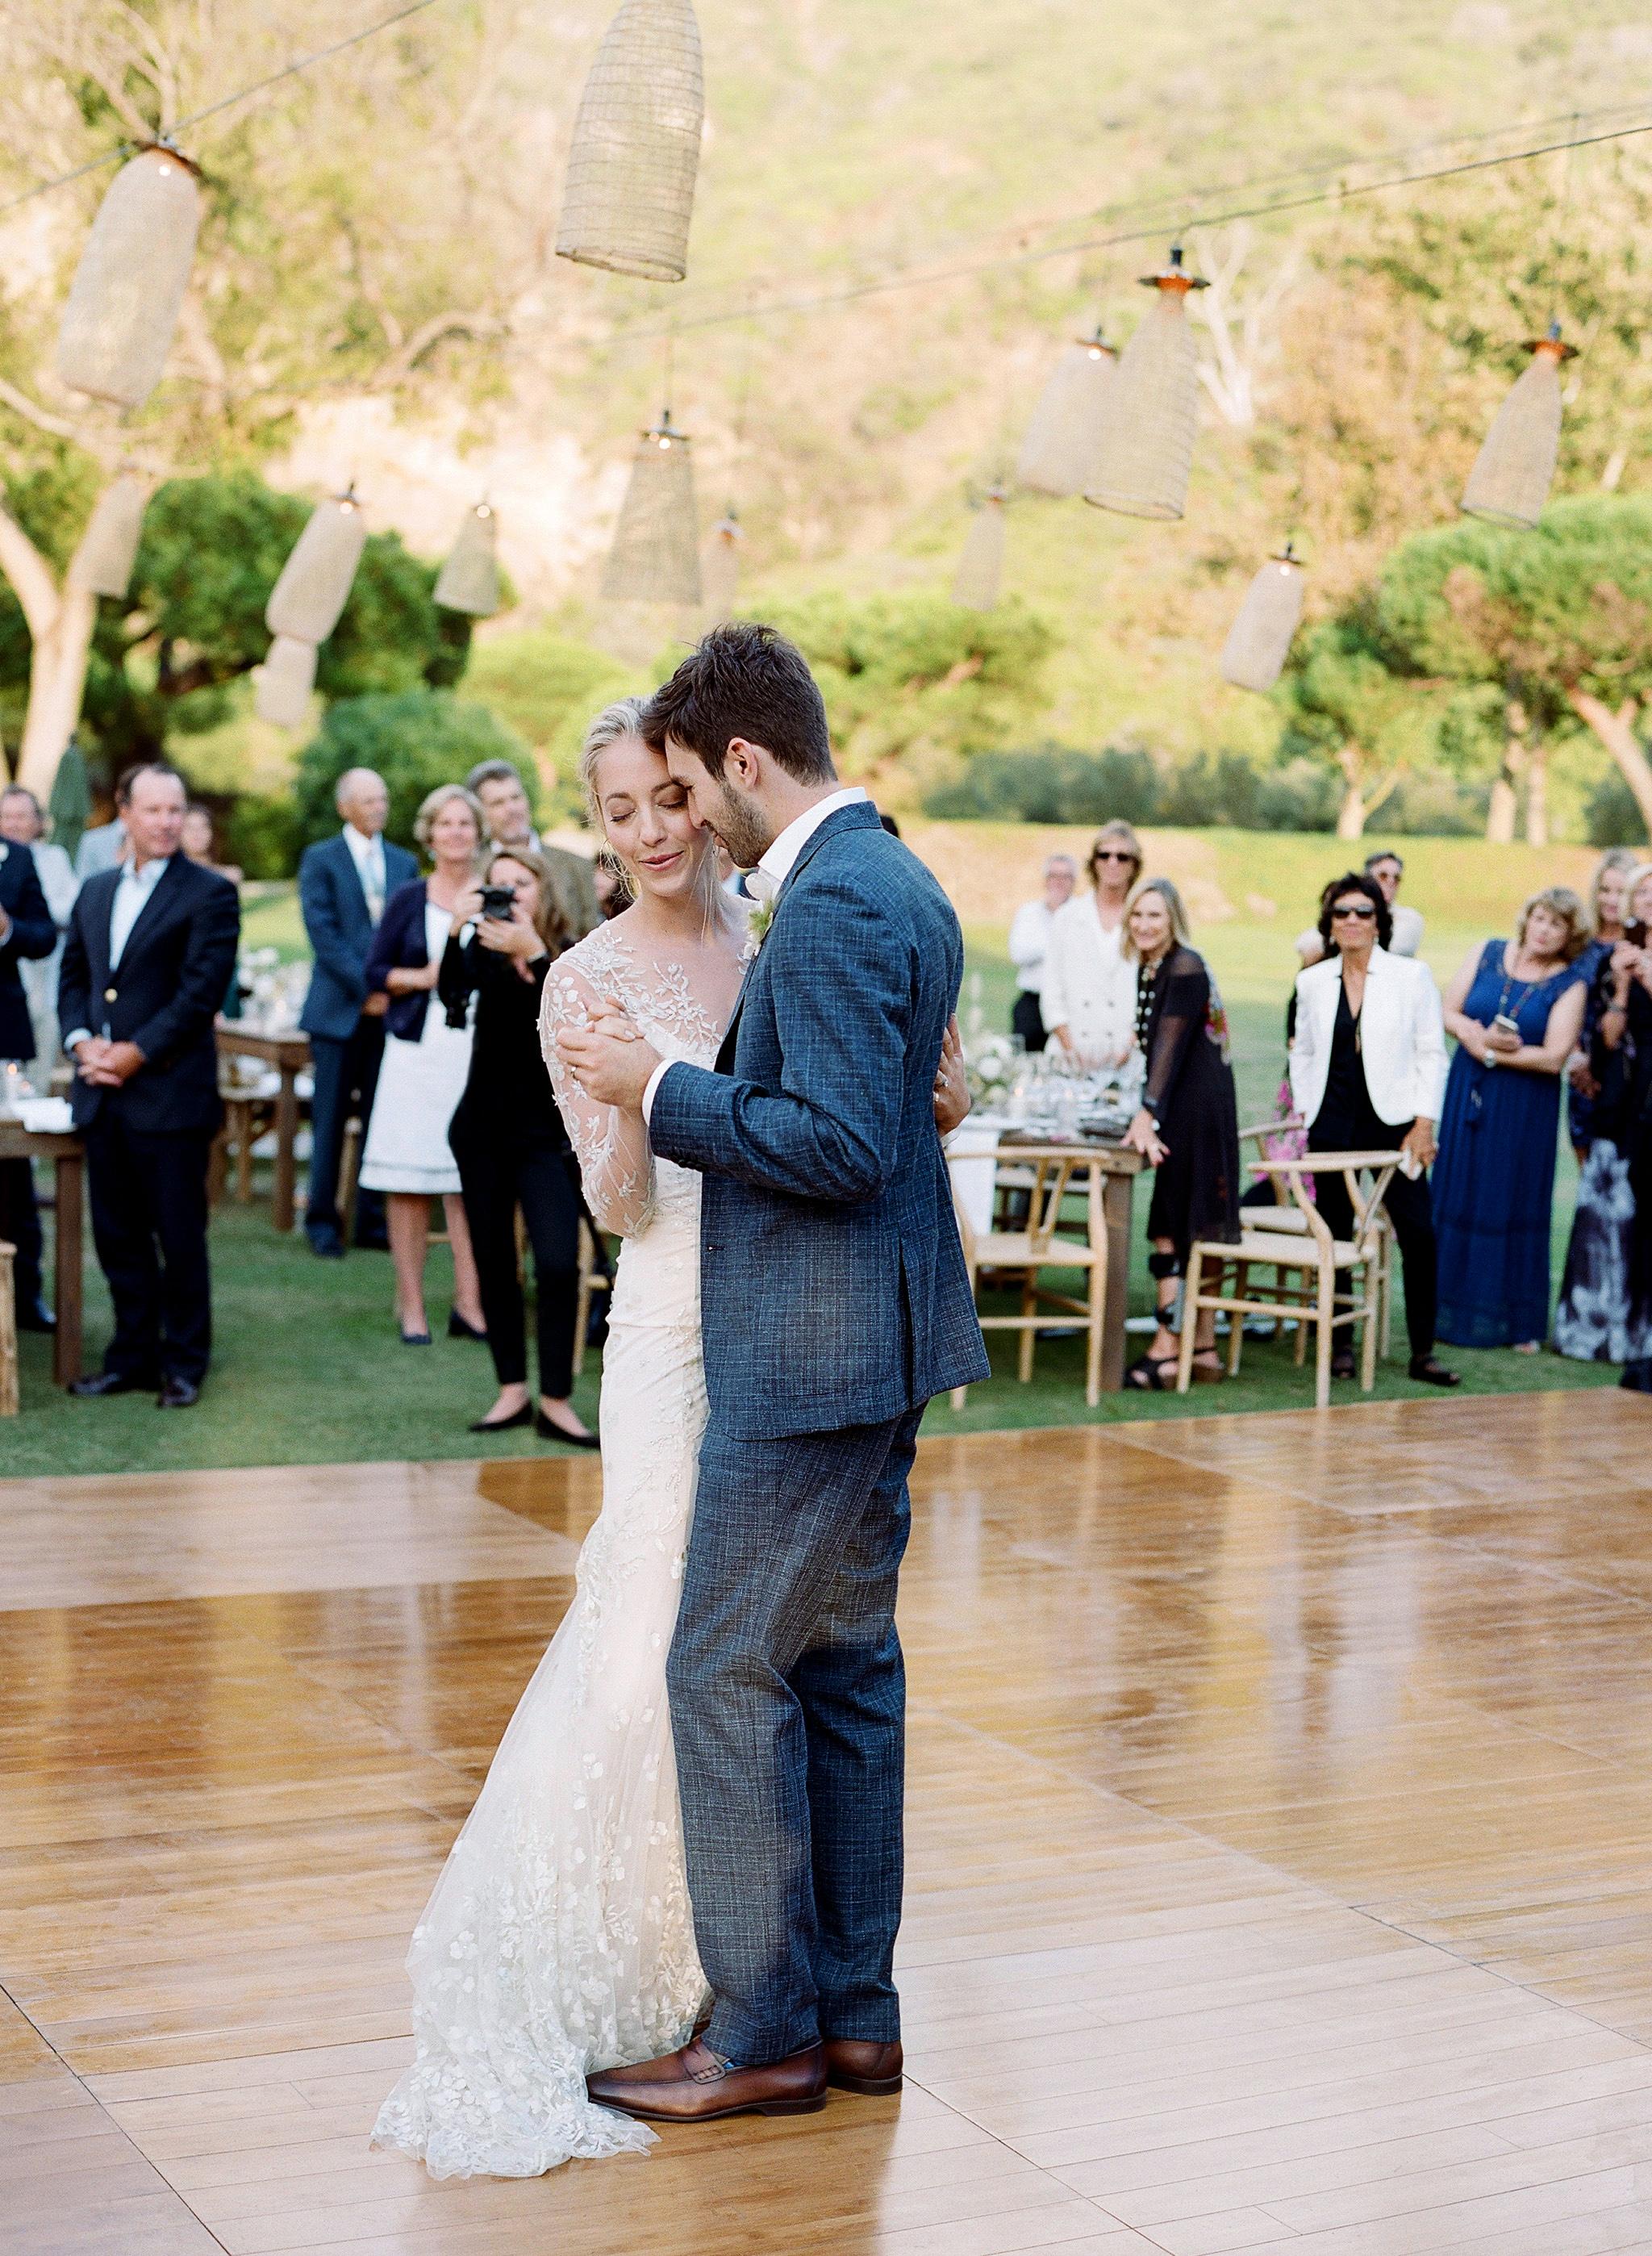 alex drew california wedding couple first dance outdoor dance floor